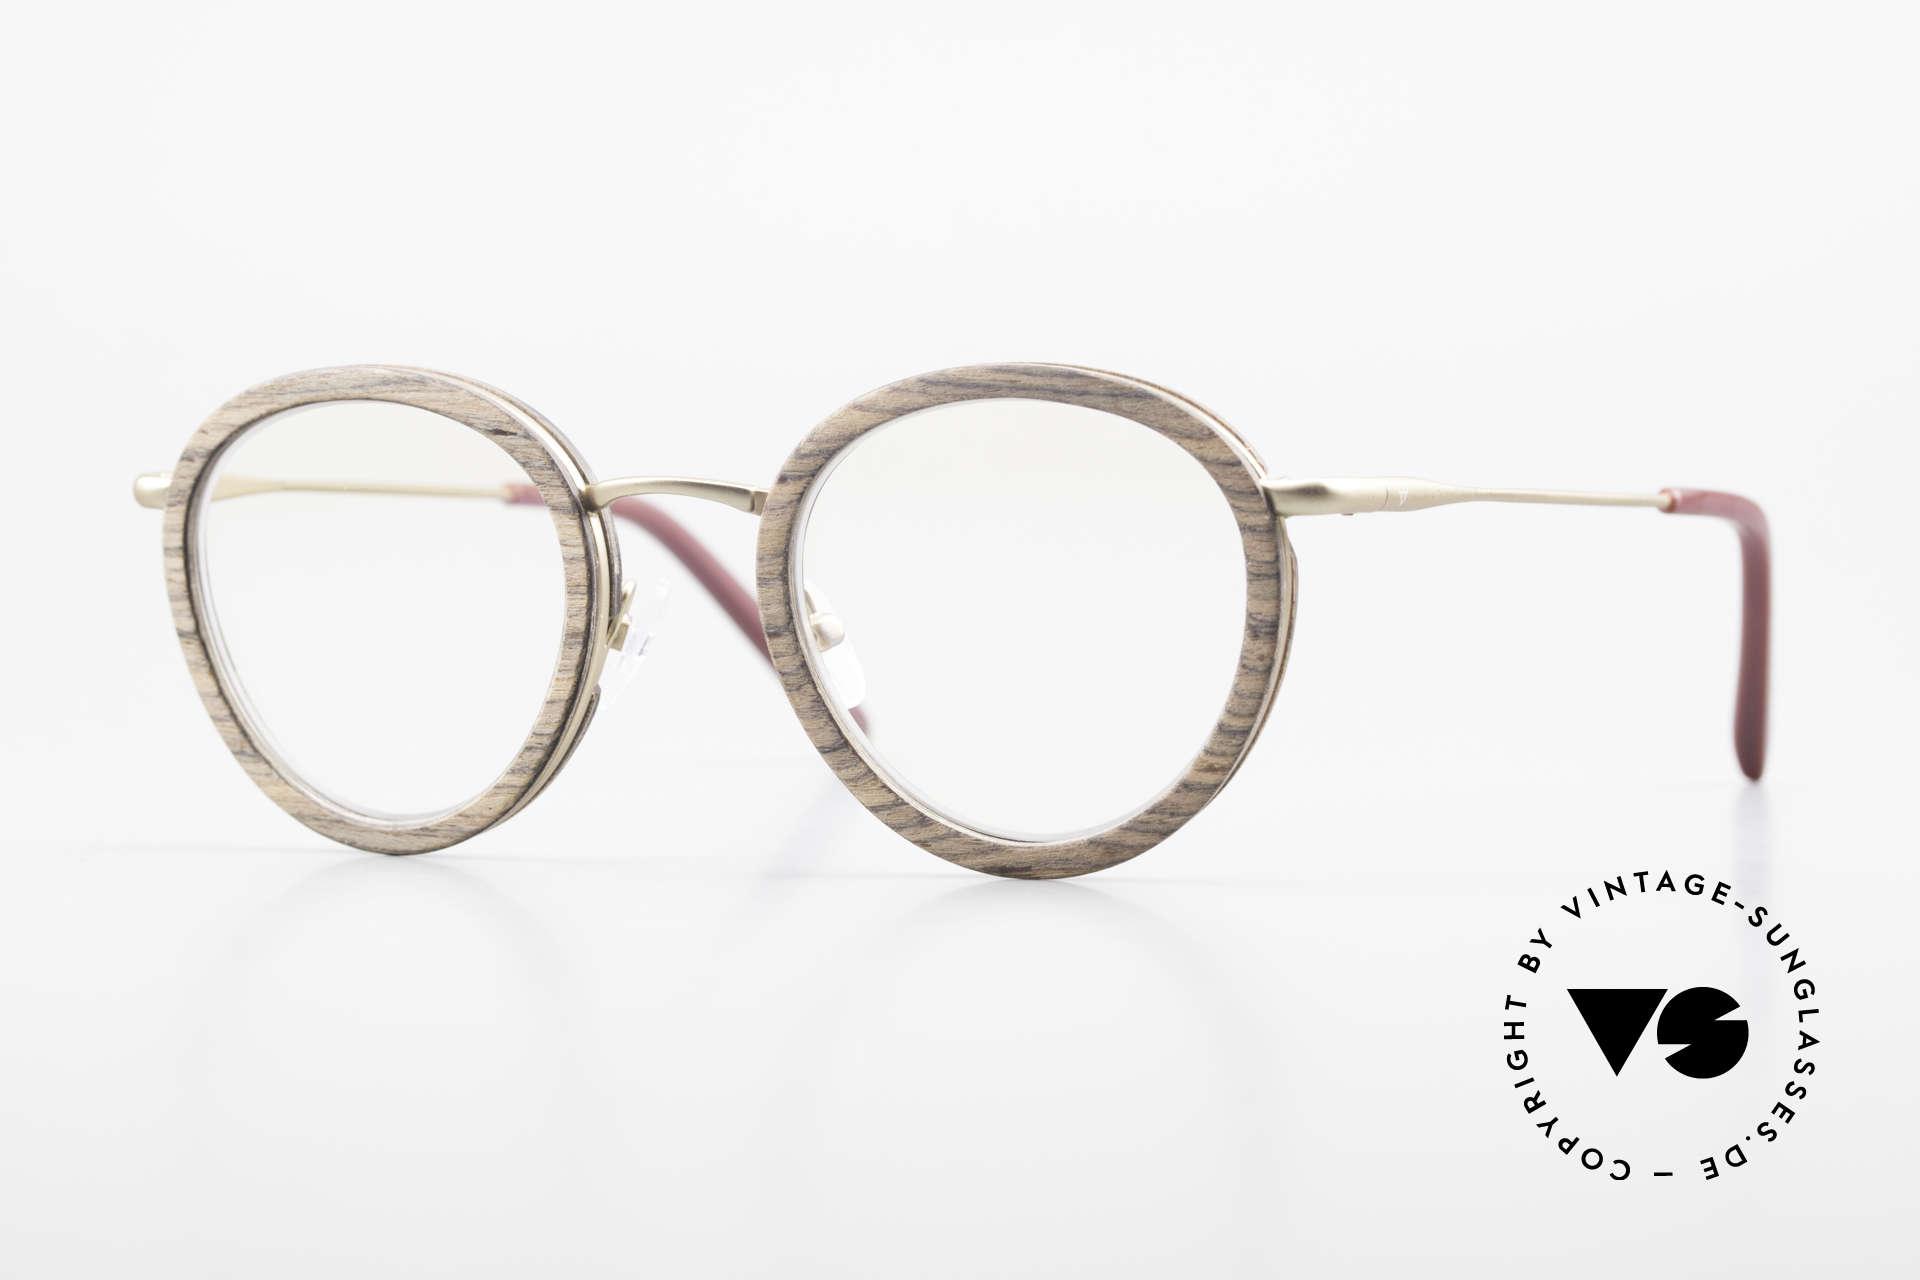 Kerbholz Otto Runde Panto Holzbrille Teak, runde Panto-Holzbrille von Kerbholz, made in Germany, Passend für Herren und Damen